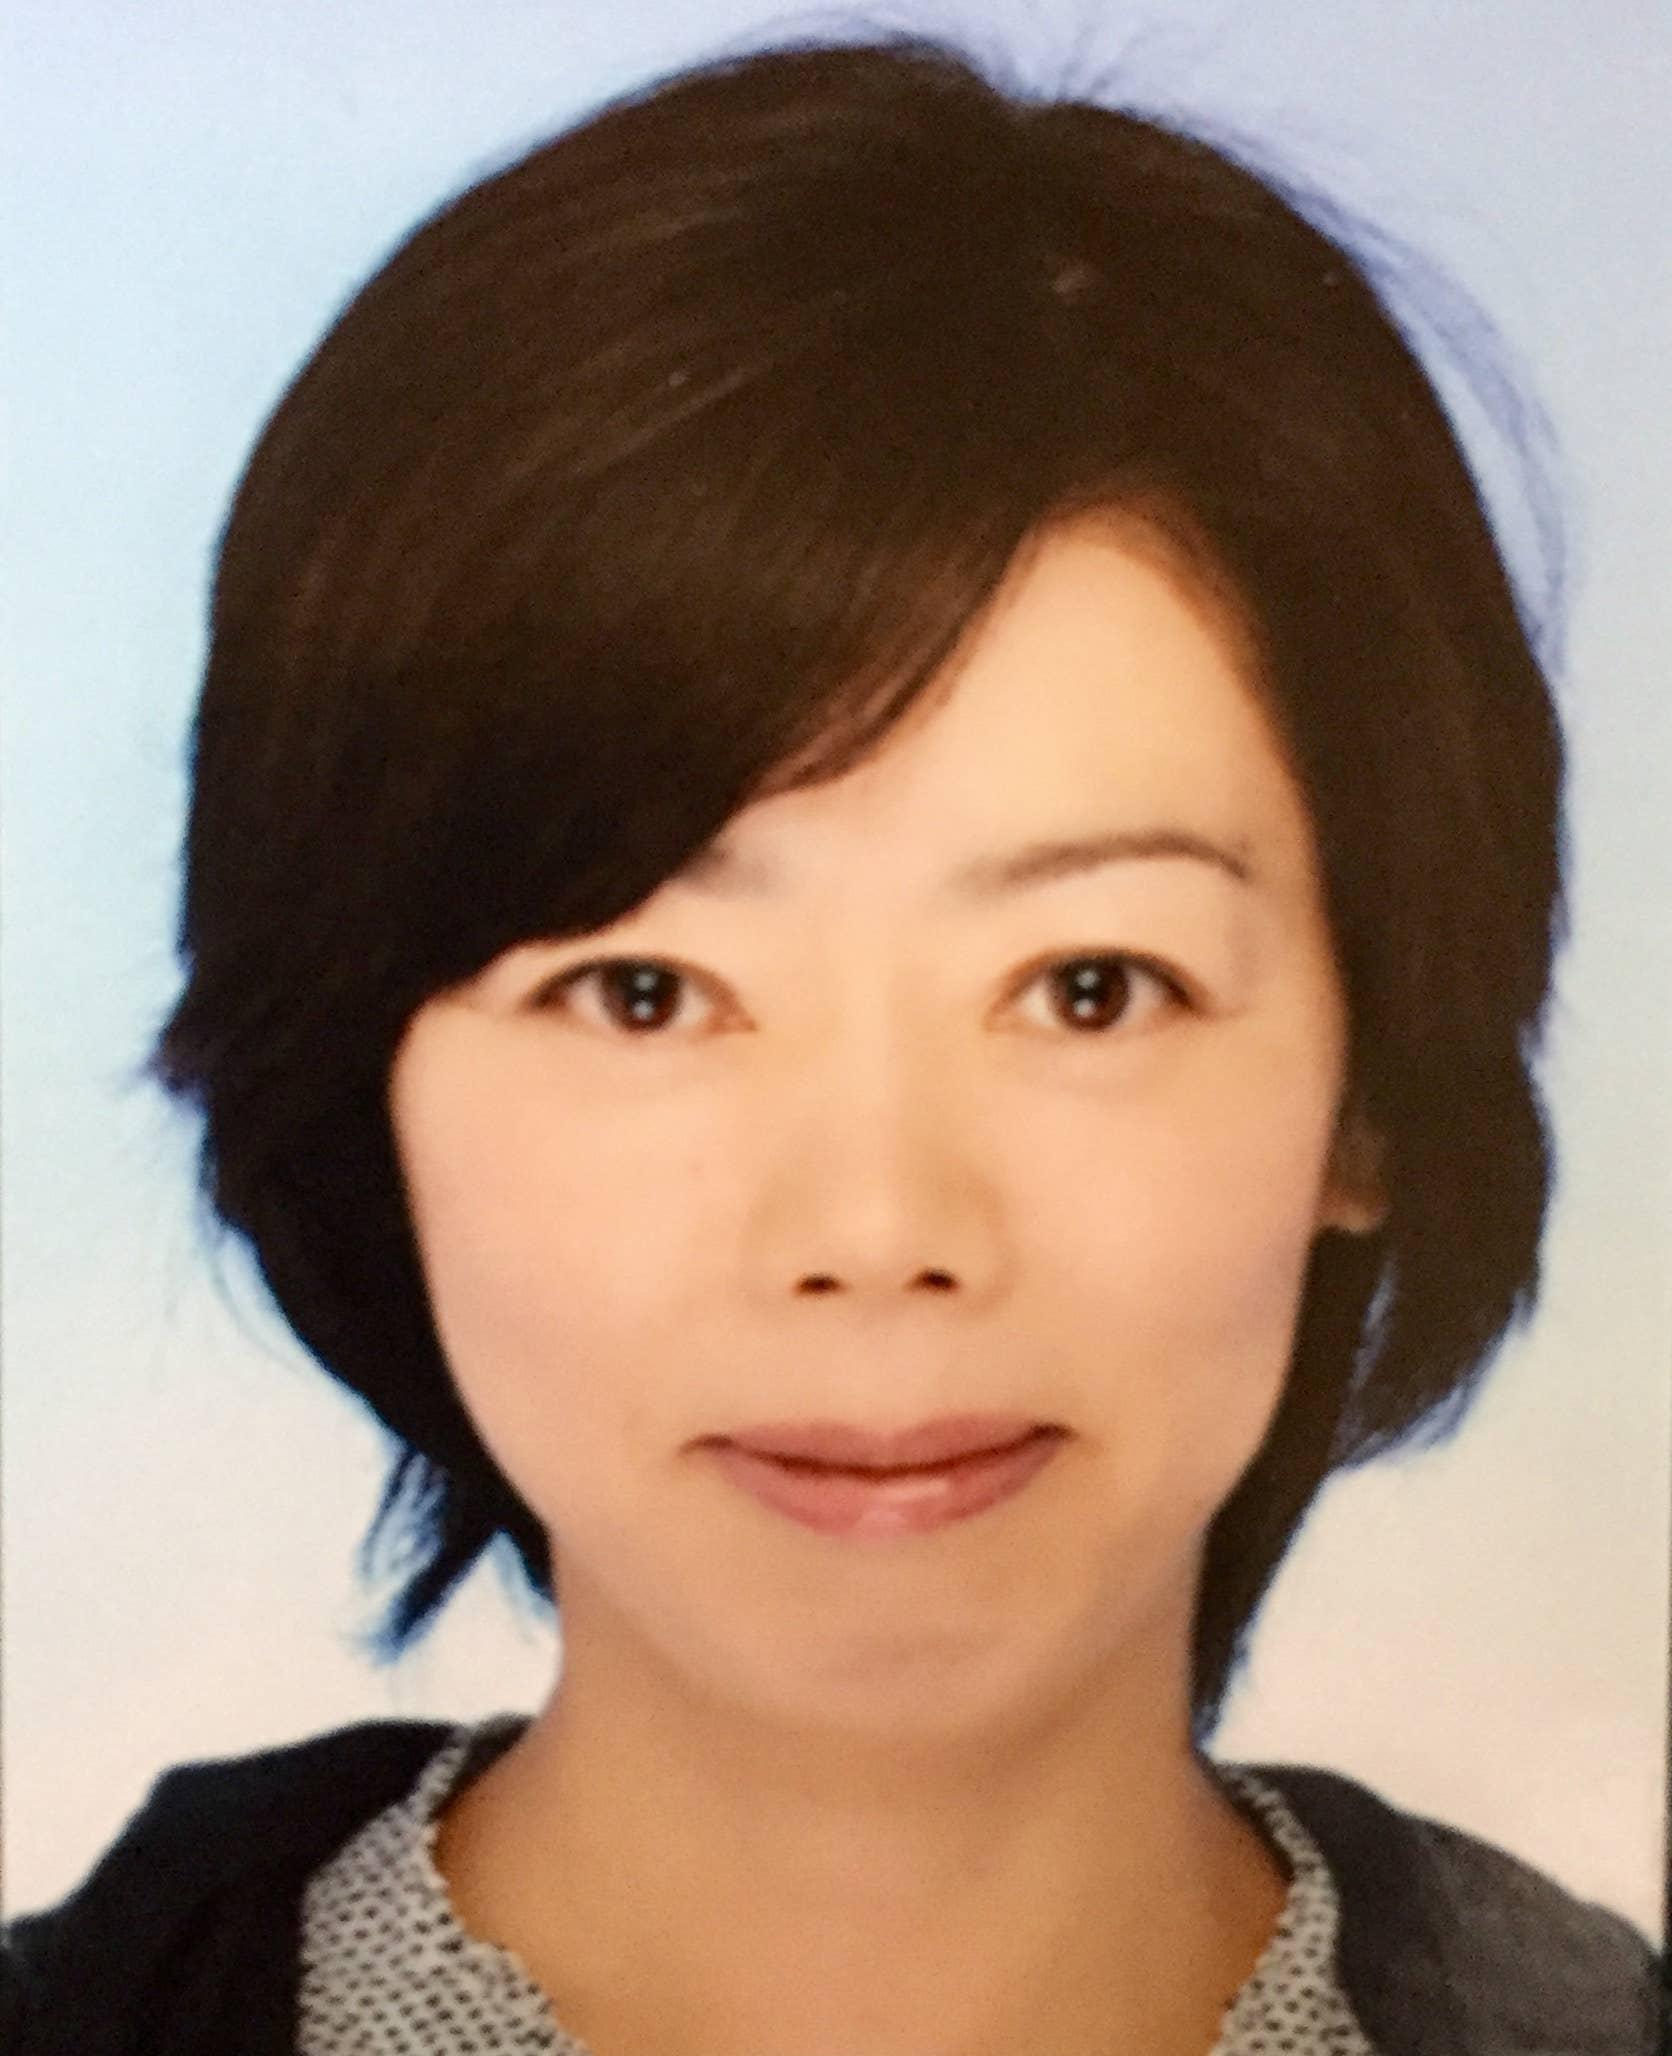 Mihoko Kaichi